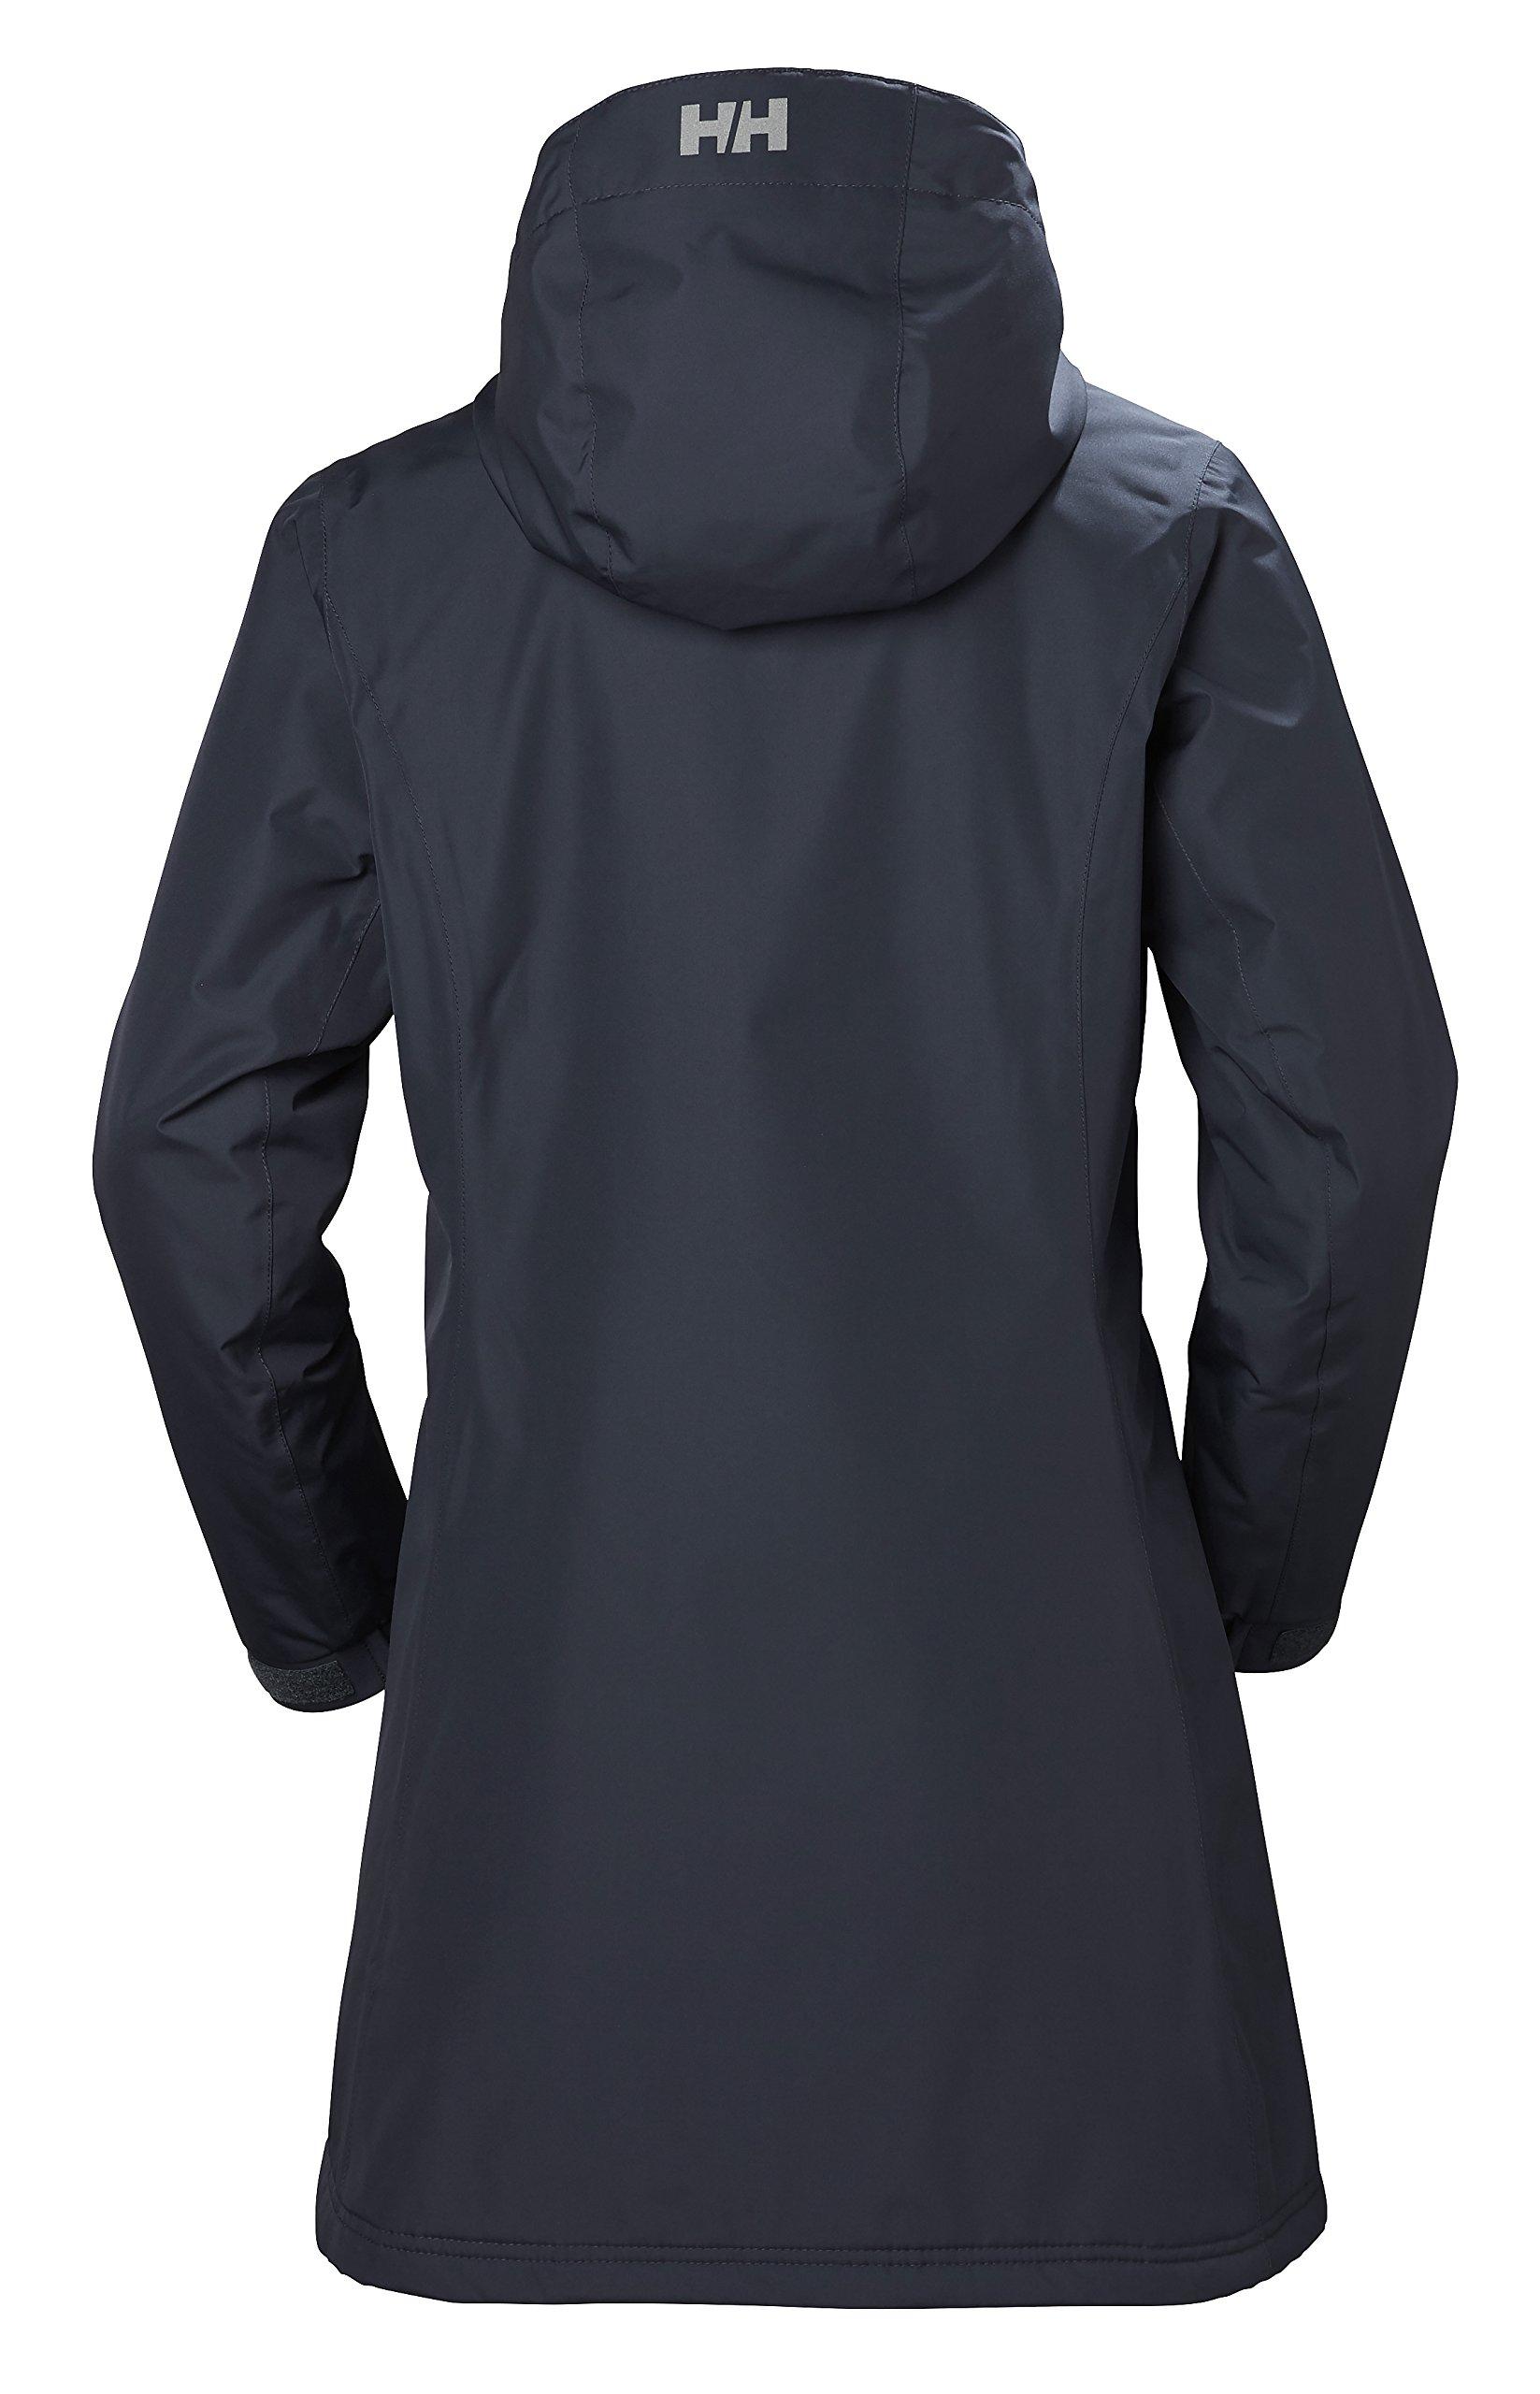 Helly Hansen Women's W Long Belfast Winter Jacket